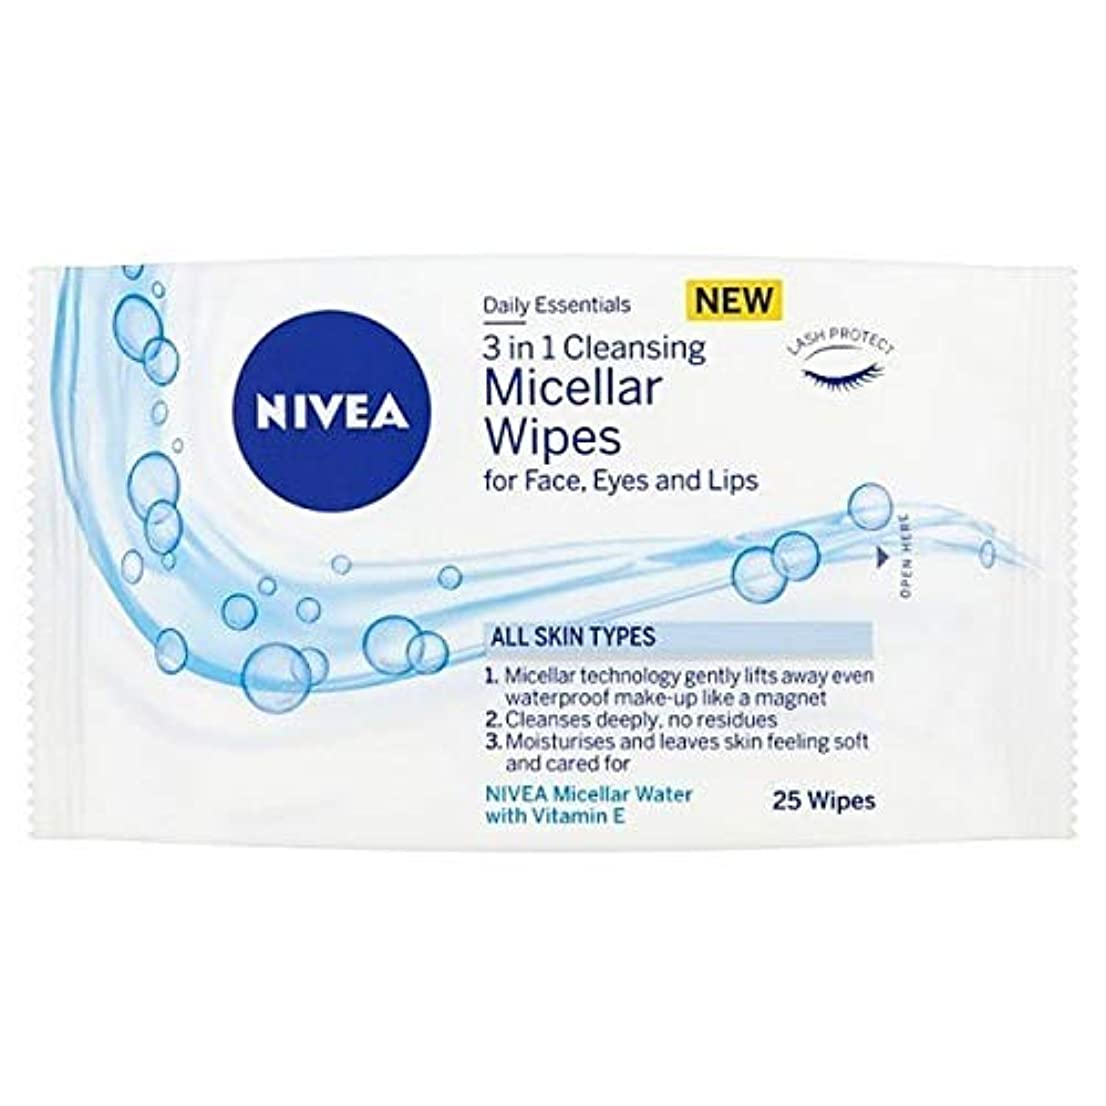 スポークスマンアプライアンス真面目な[Nivea ] ニベアミセルクレンジング顔は、25のワイプワイプ - NIVEA Micellar Cleansing Face Wipes, 25 wipes [並行輸入品]